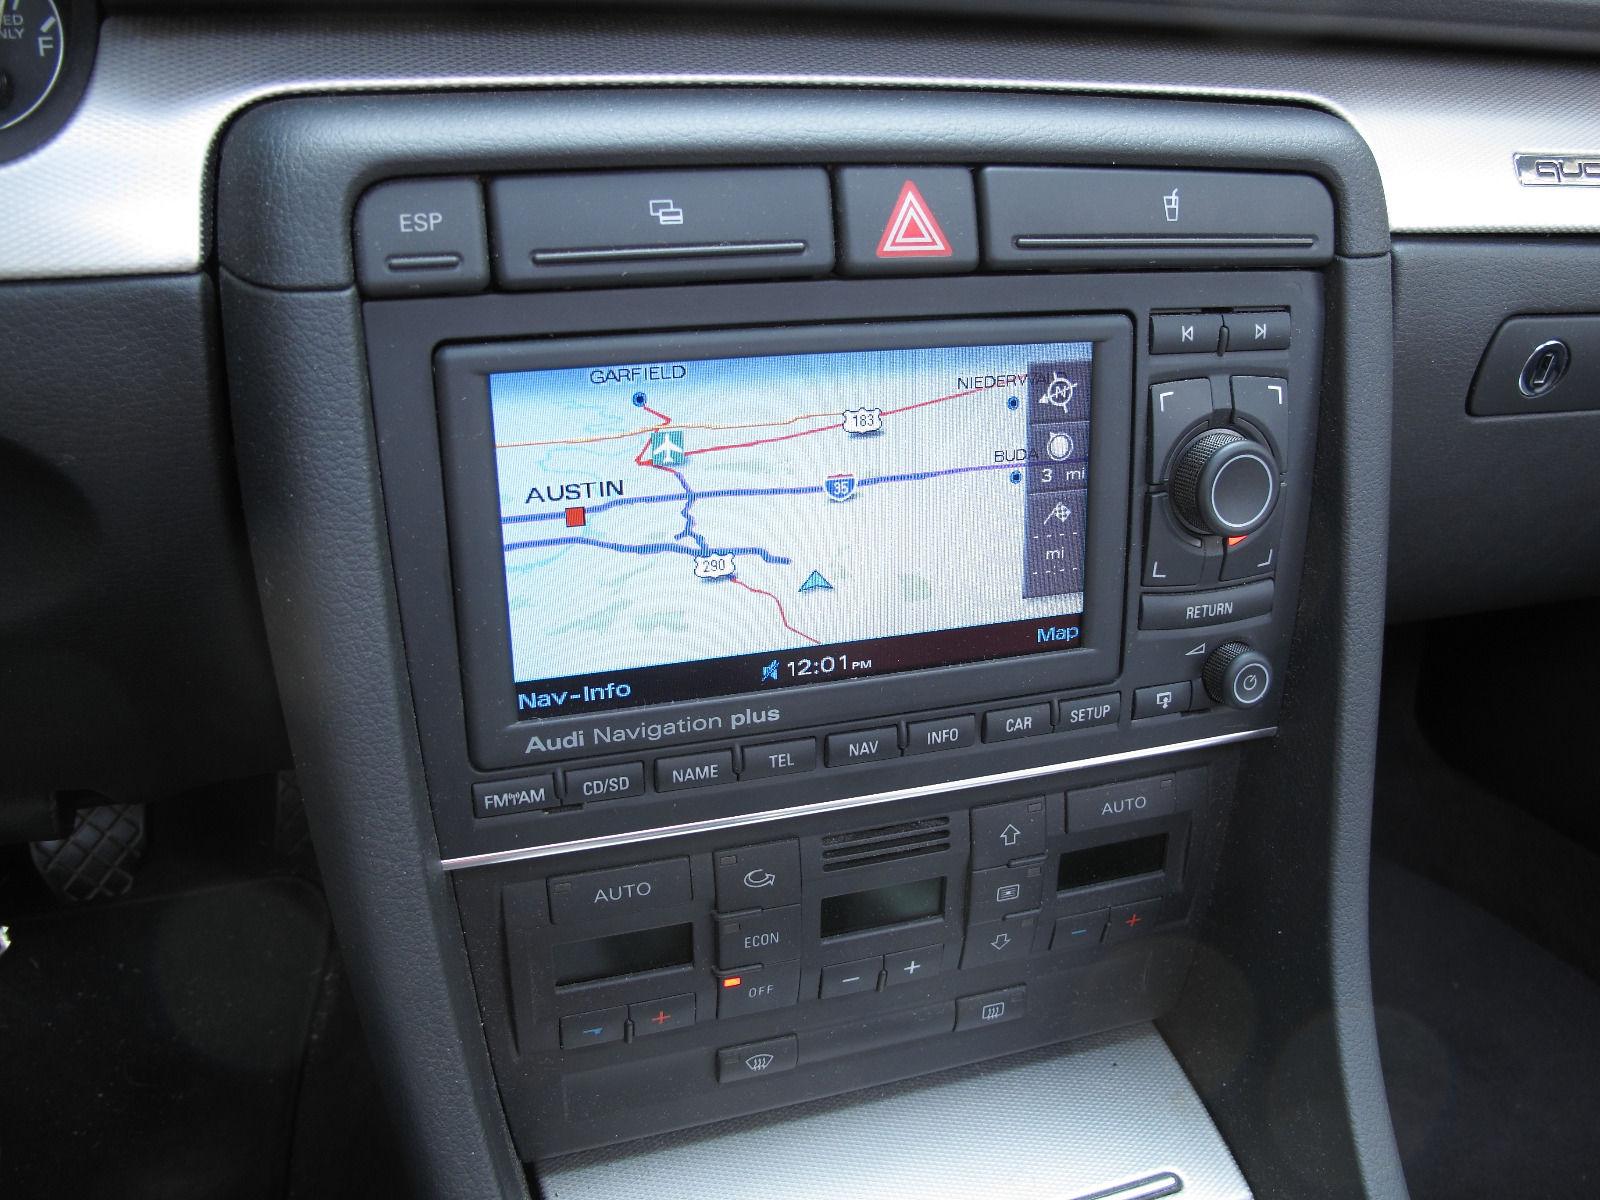 Audi Navigation Plus Wiring Wiring Library Audi Navigation Plus Manual Audi  Navigation Plus Wiring